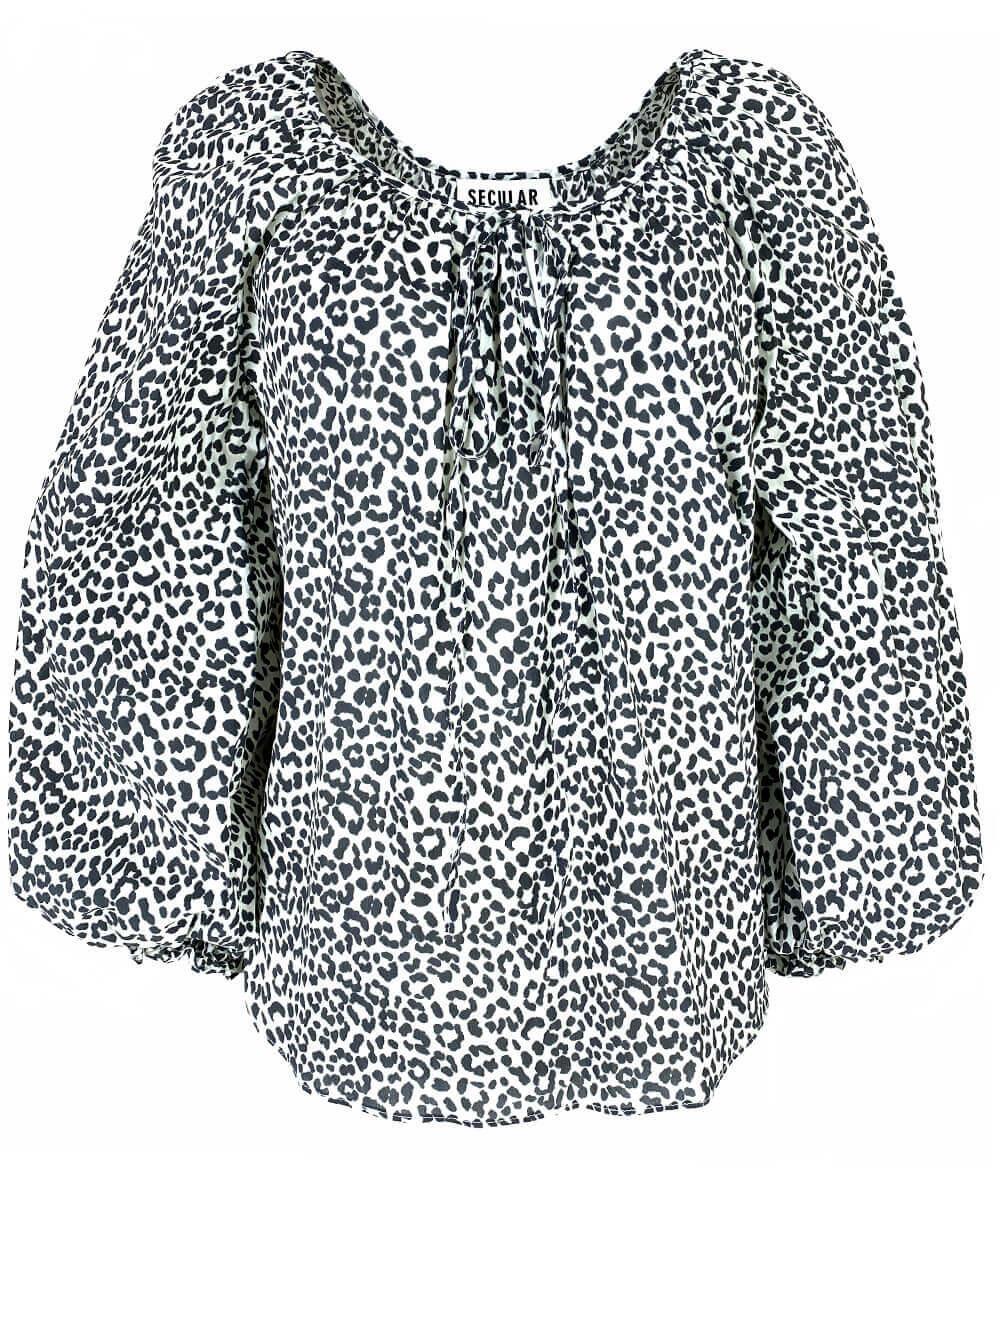 Celeste Printed Shirt Item # 326